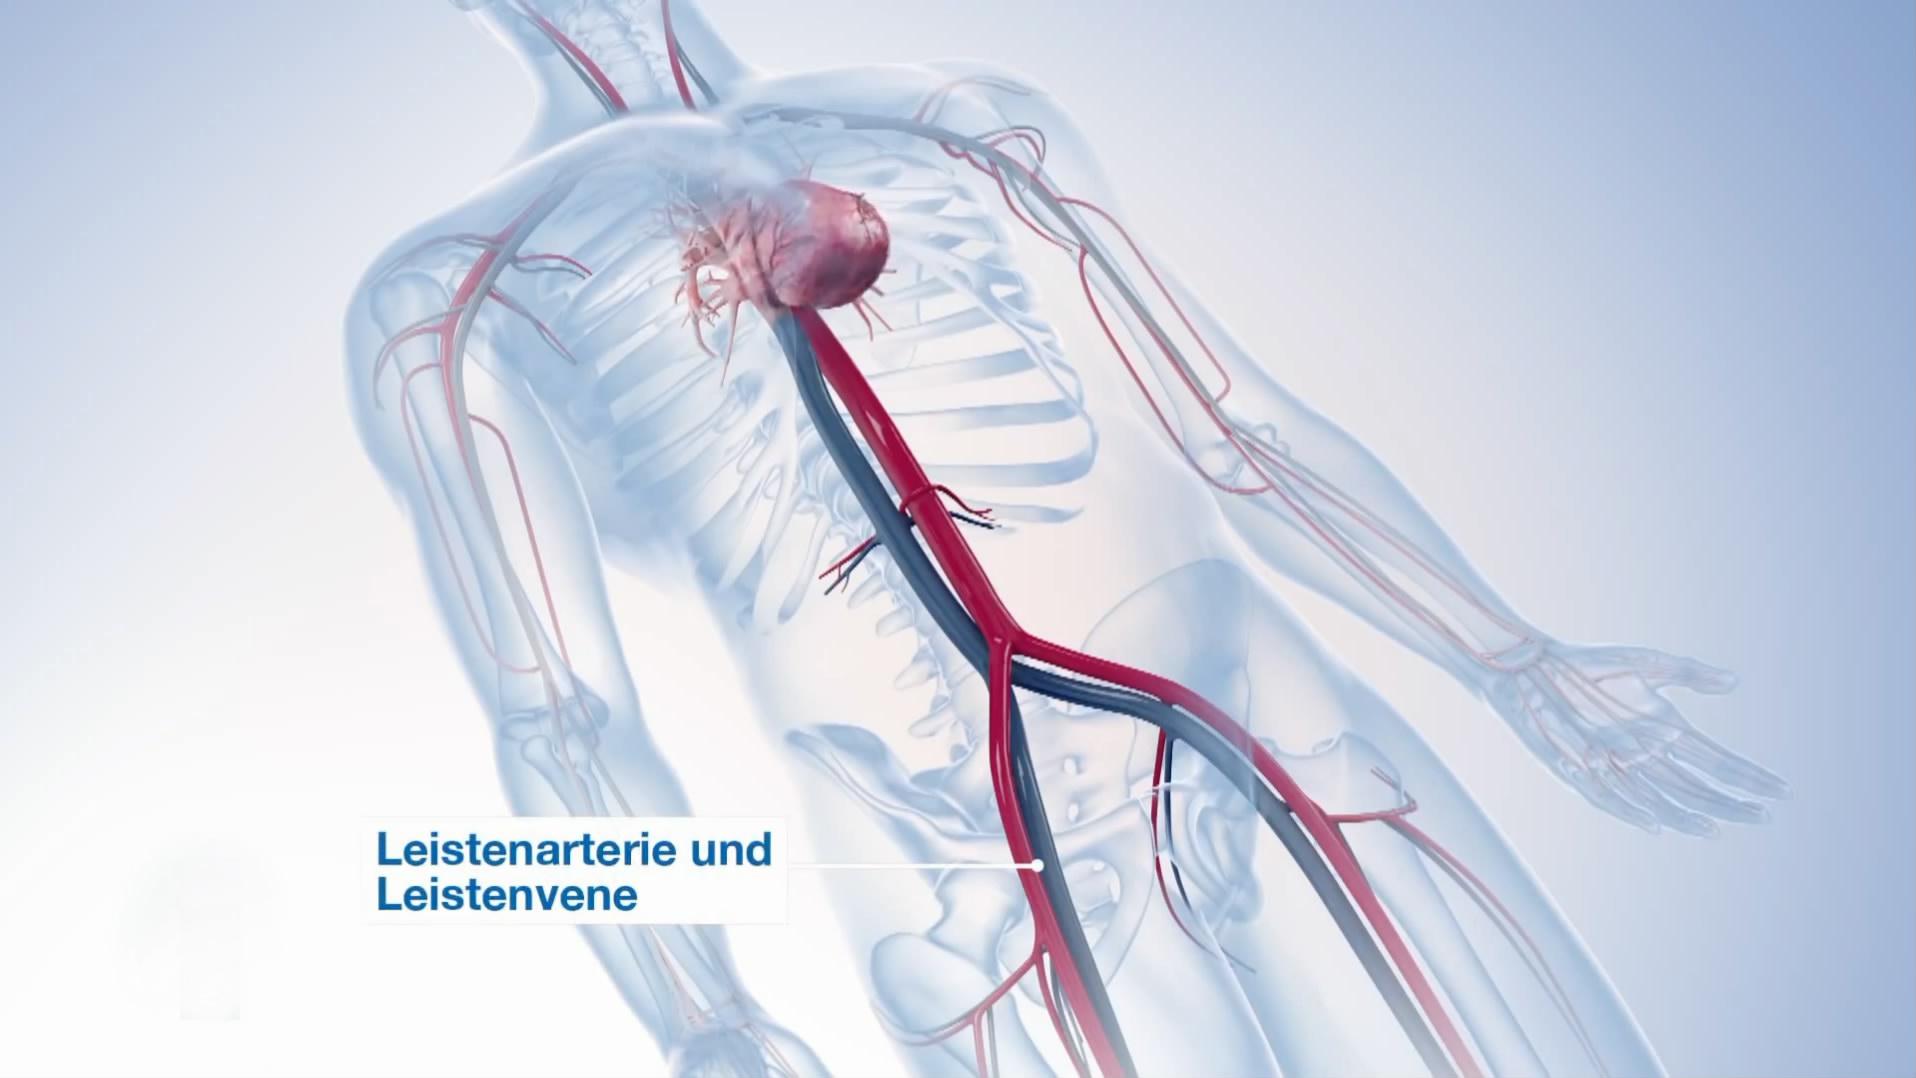 心脏手术三维动画